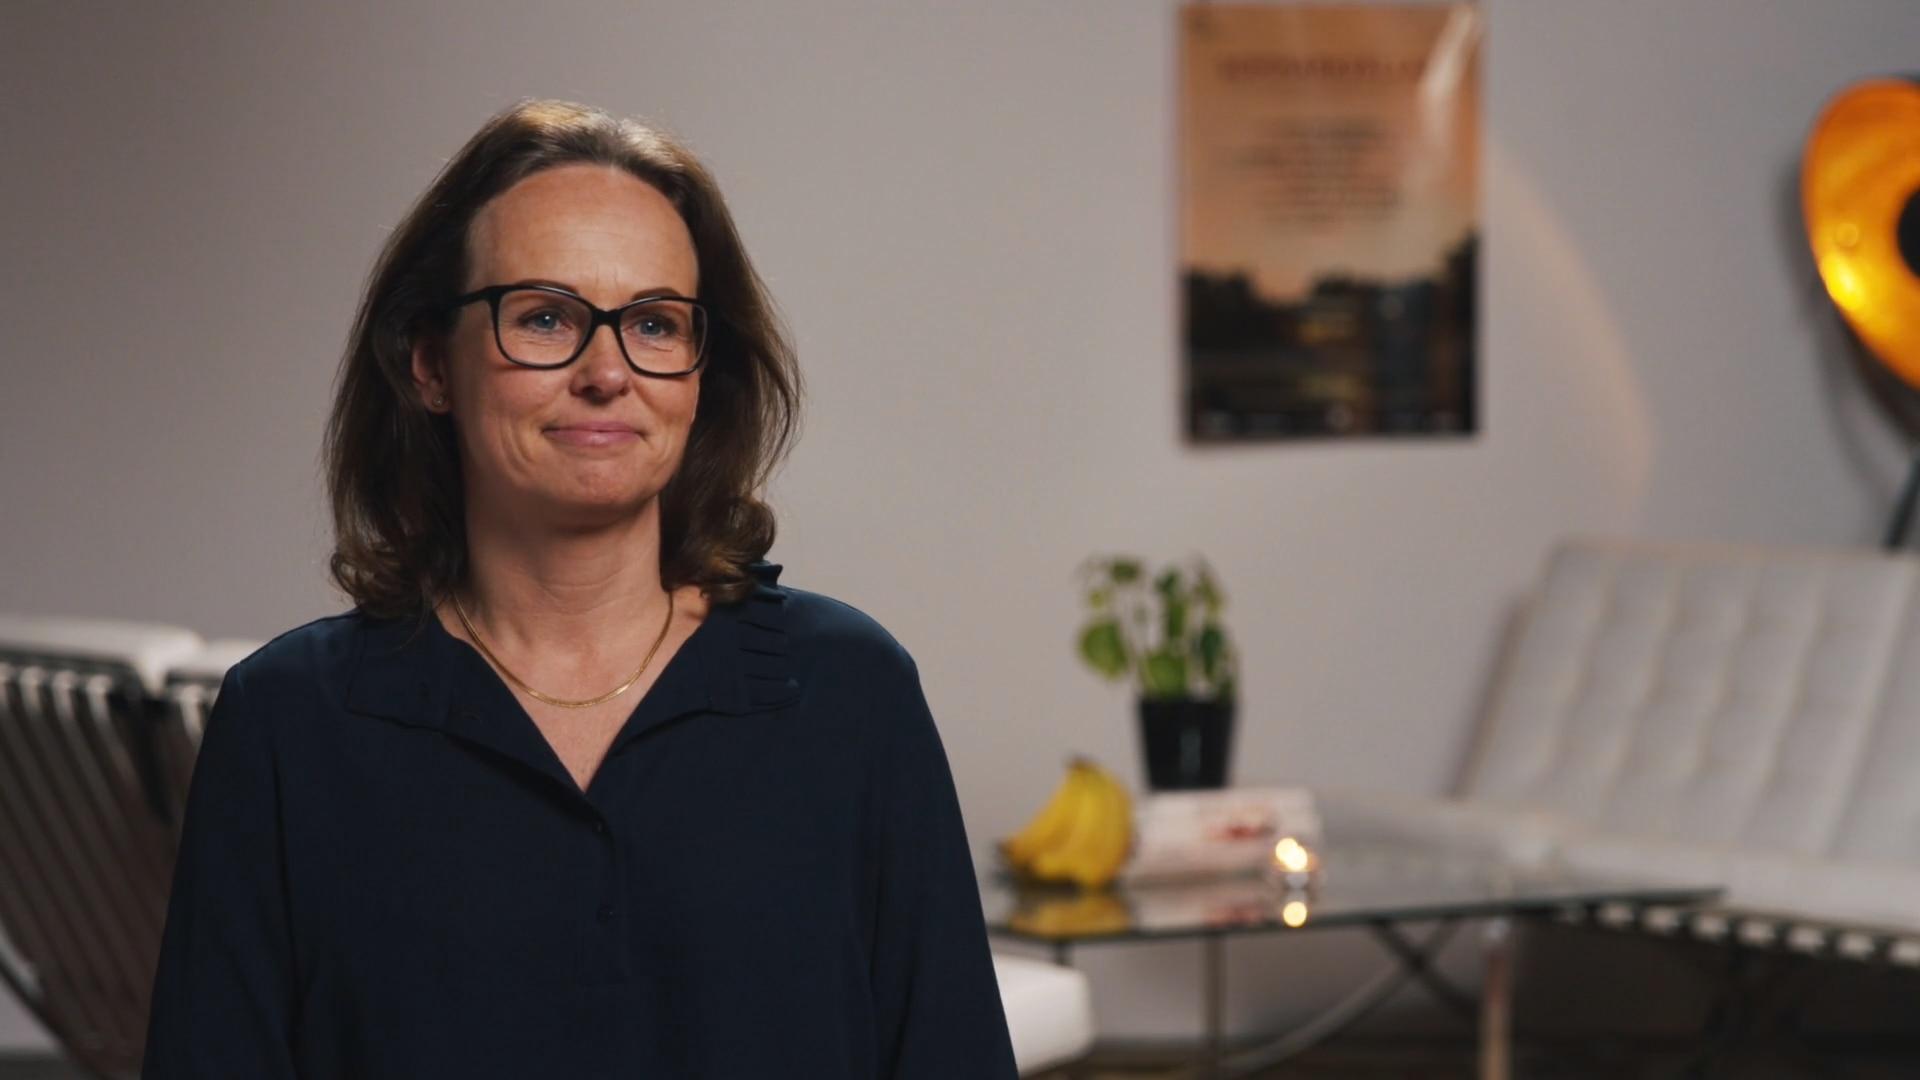 Ulrika Nilsson - Om moderna rutiner och produkter gör skillnad